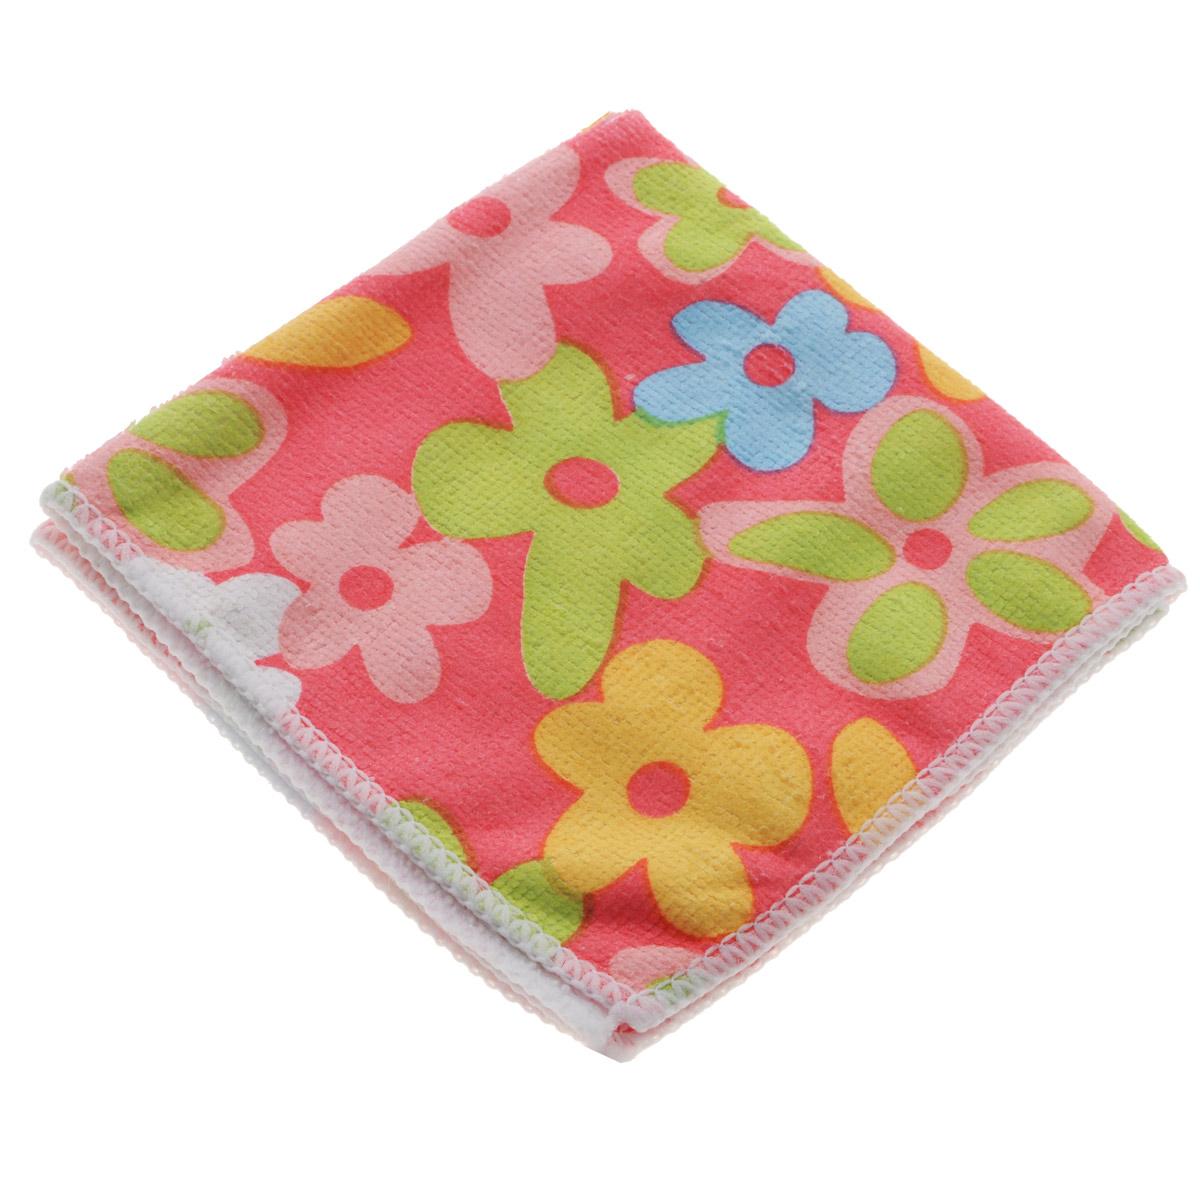 Салфетка для уборки Youll Love Цветы, цвет: розовый, 30 см х 30 см58042Салфетка Youll Love Цветы, изготовленная из 20% полиамида и 80% полиэфира, предназначена для очищения загрязнений на любых поверхностях. Изделие обладает высокой износоустойчивостью и рассчитано на многократное использование, легко моется в теплой воде с мягкими чистящими средствами. Супервпитывающая салфетка не оставляет разводов и ворсинок, удаляет большинство жирных и маслянистых загрязнений без использования химических средств. Размер: 30 см х 30 см.